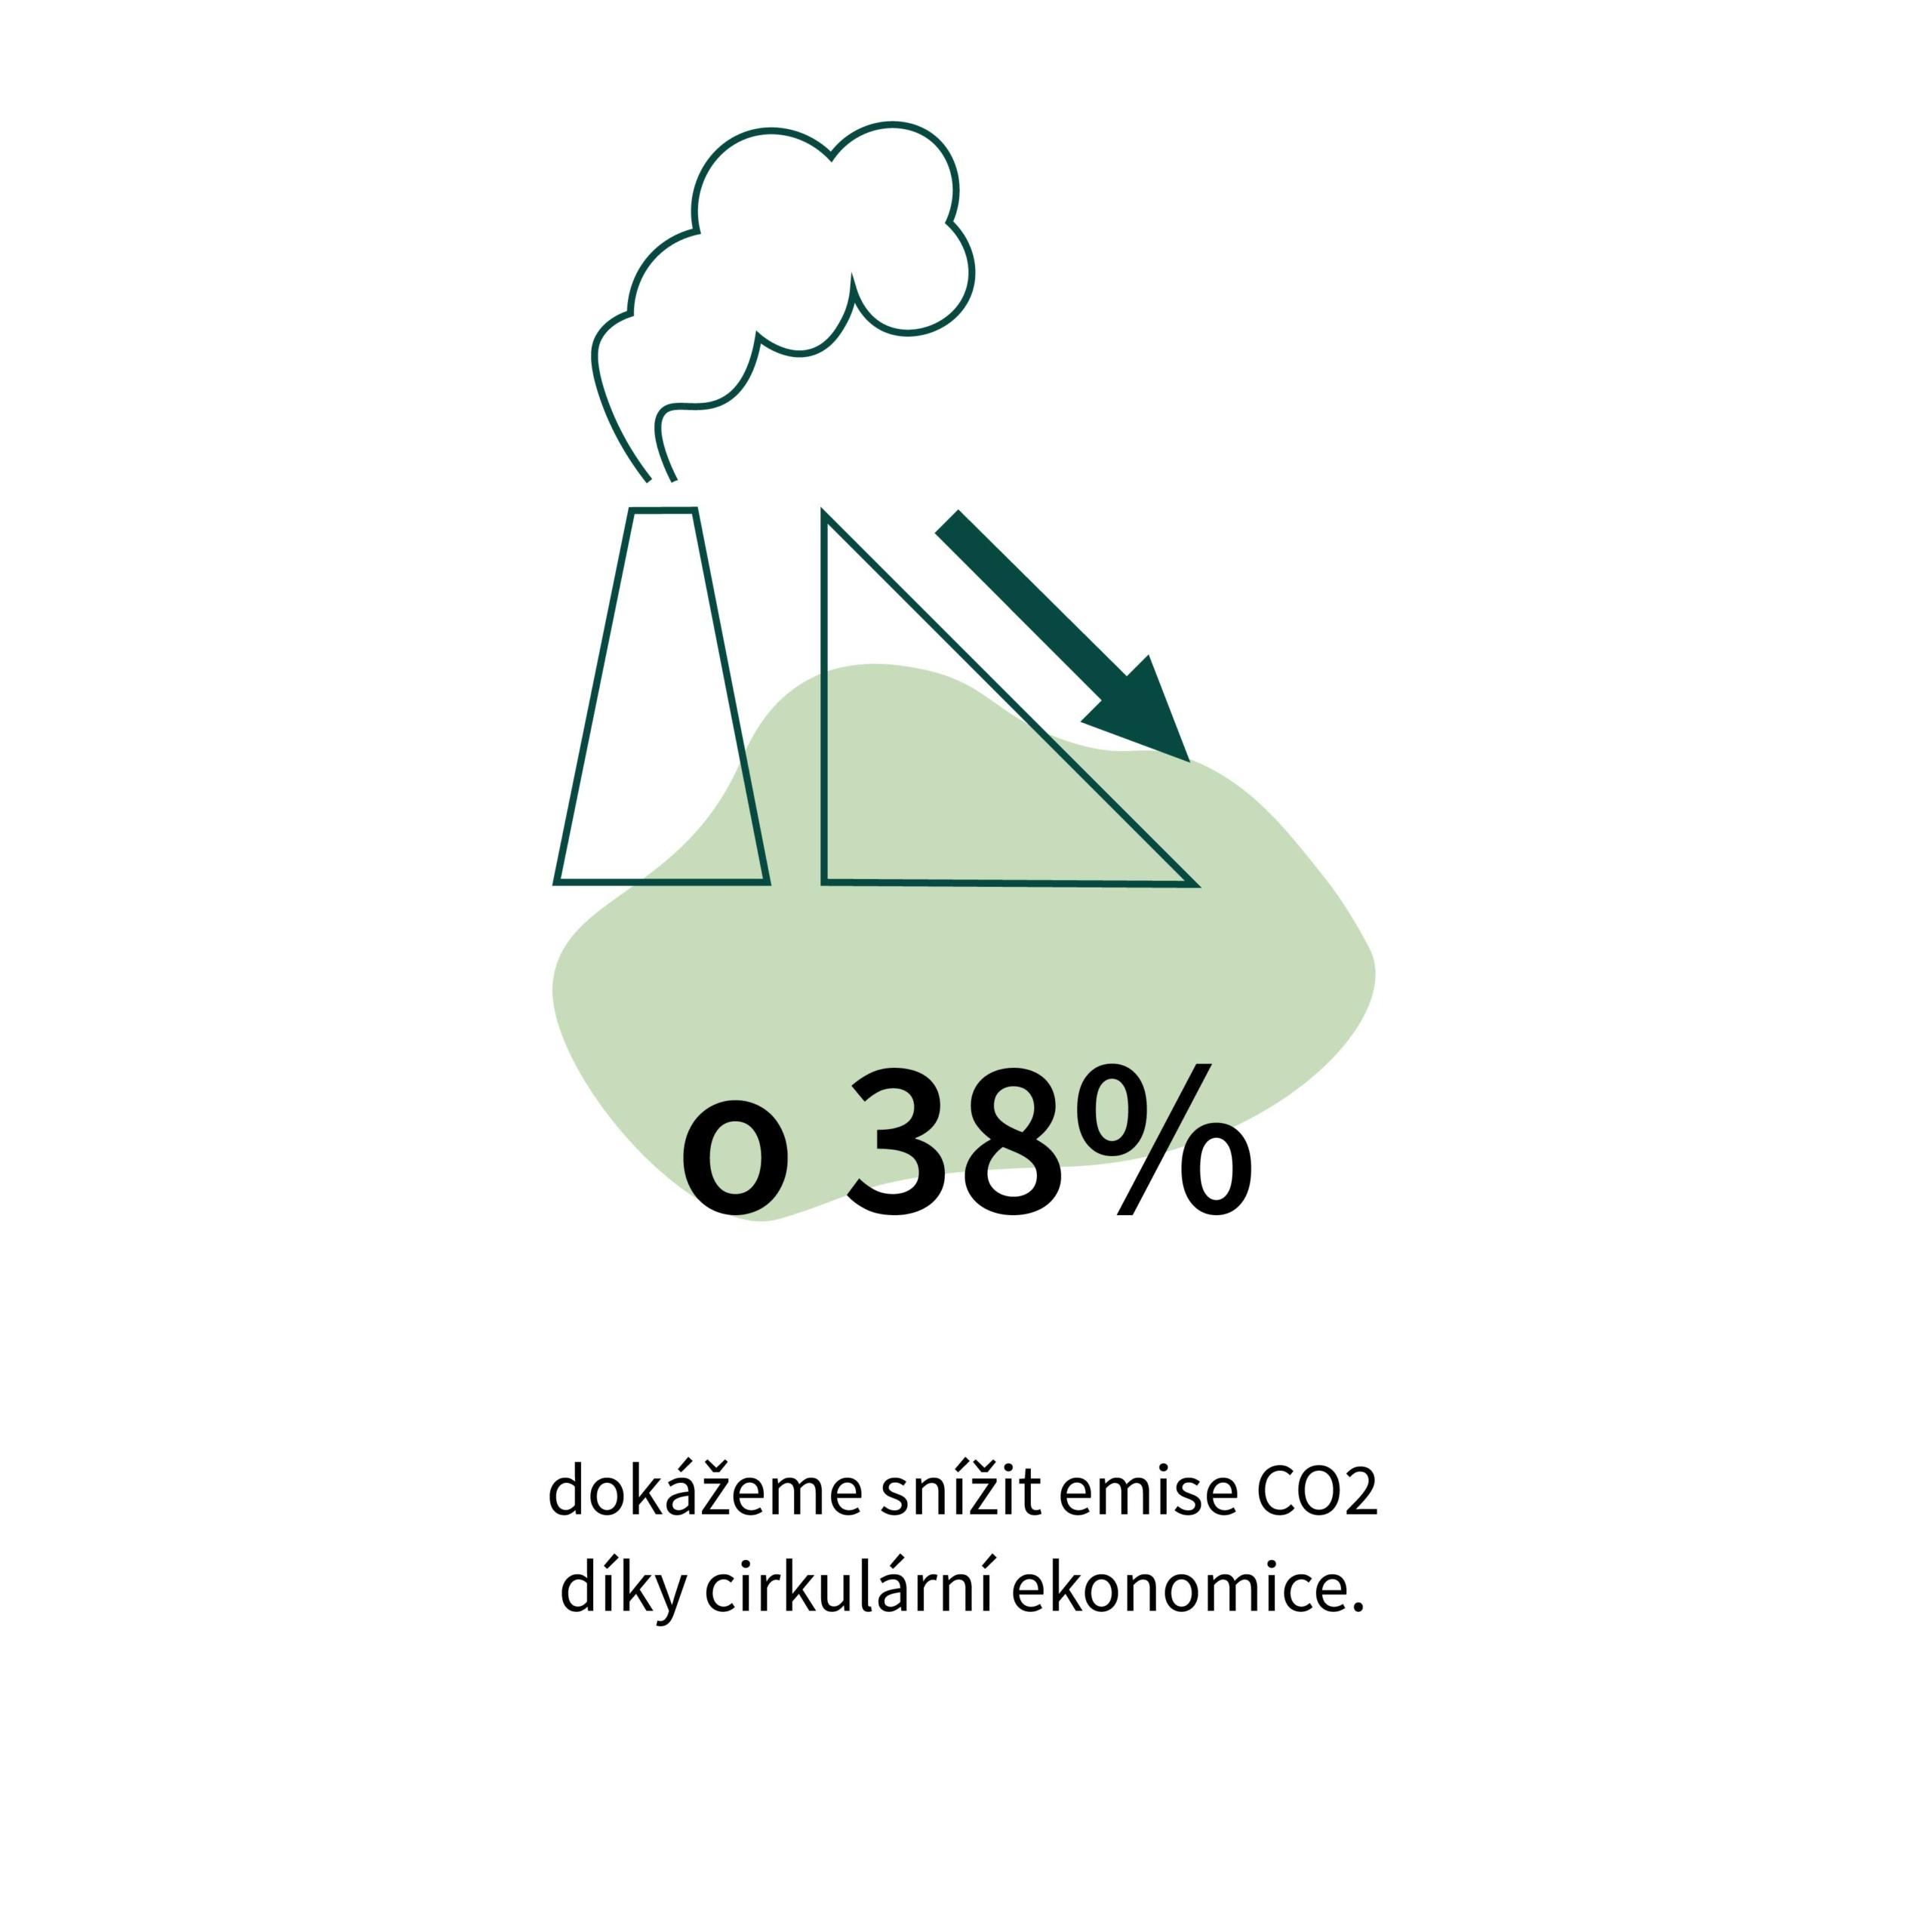 Snížení emisí